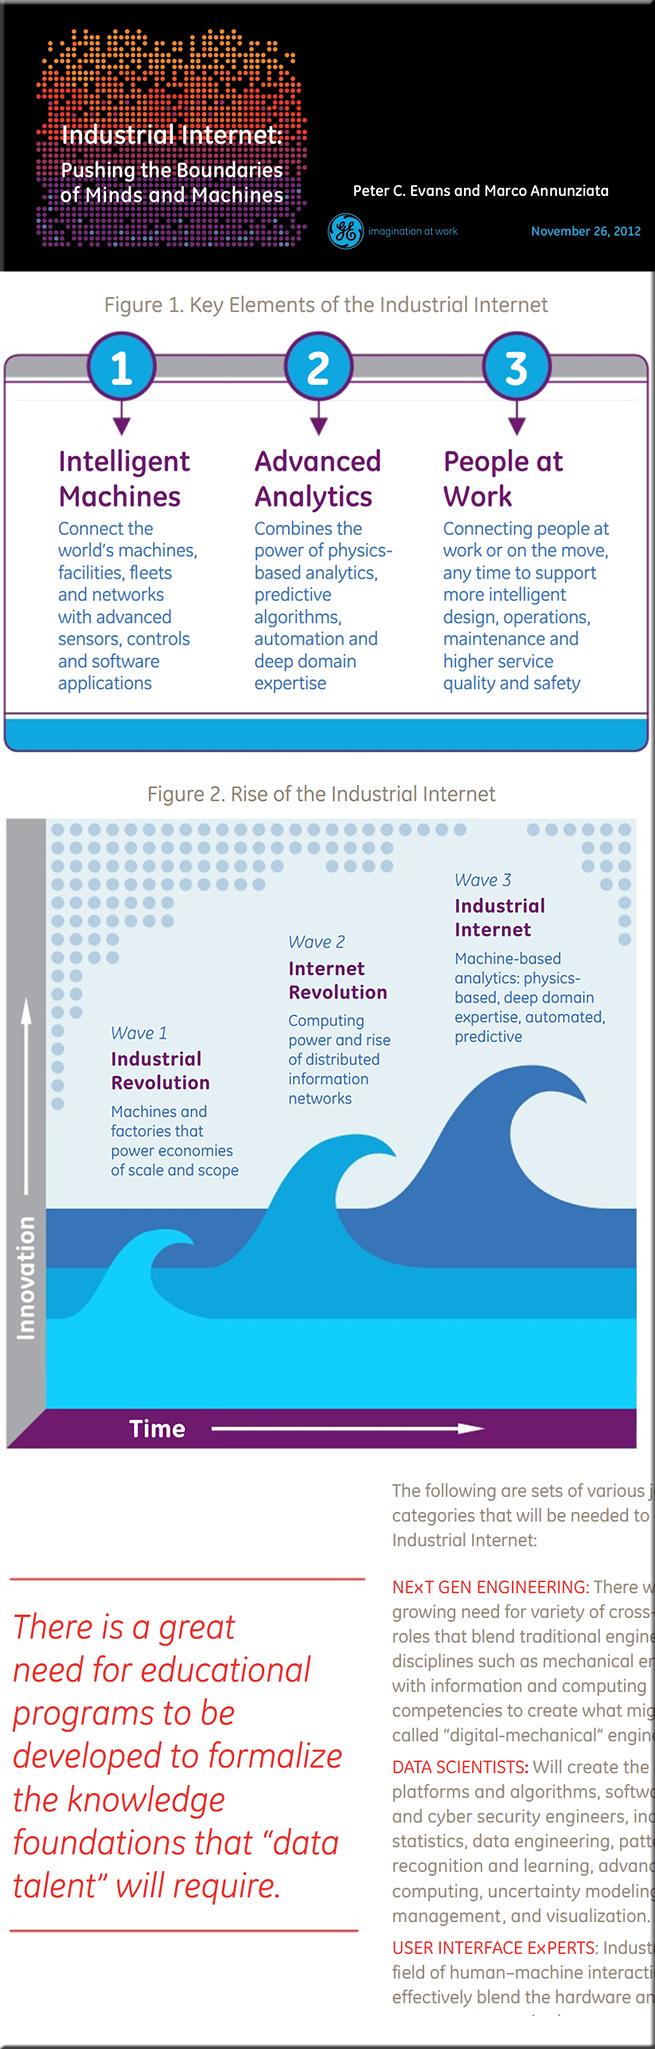 IndustrialInternet-Nov2012